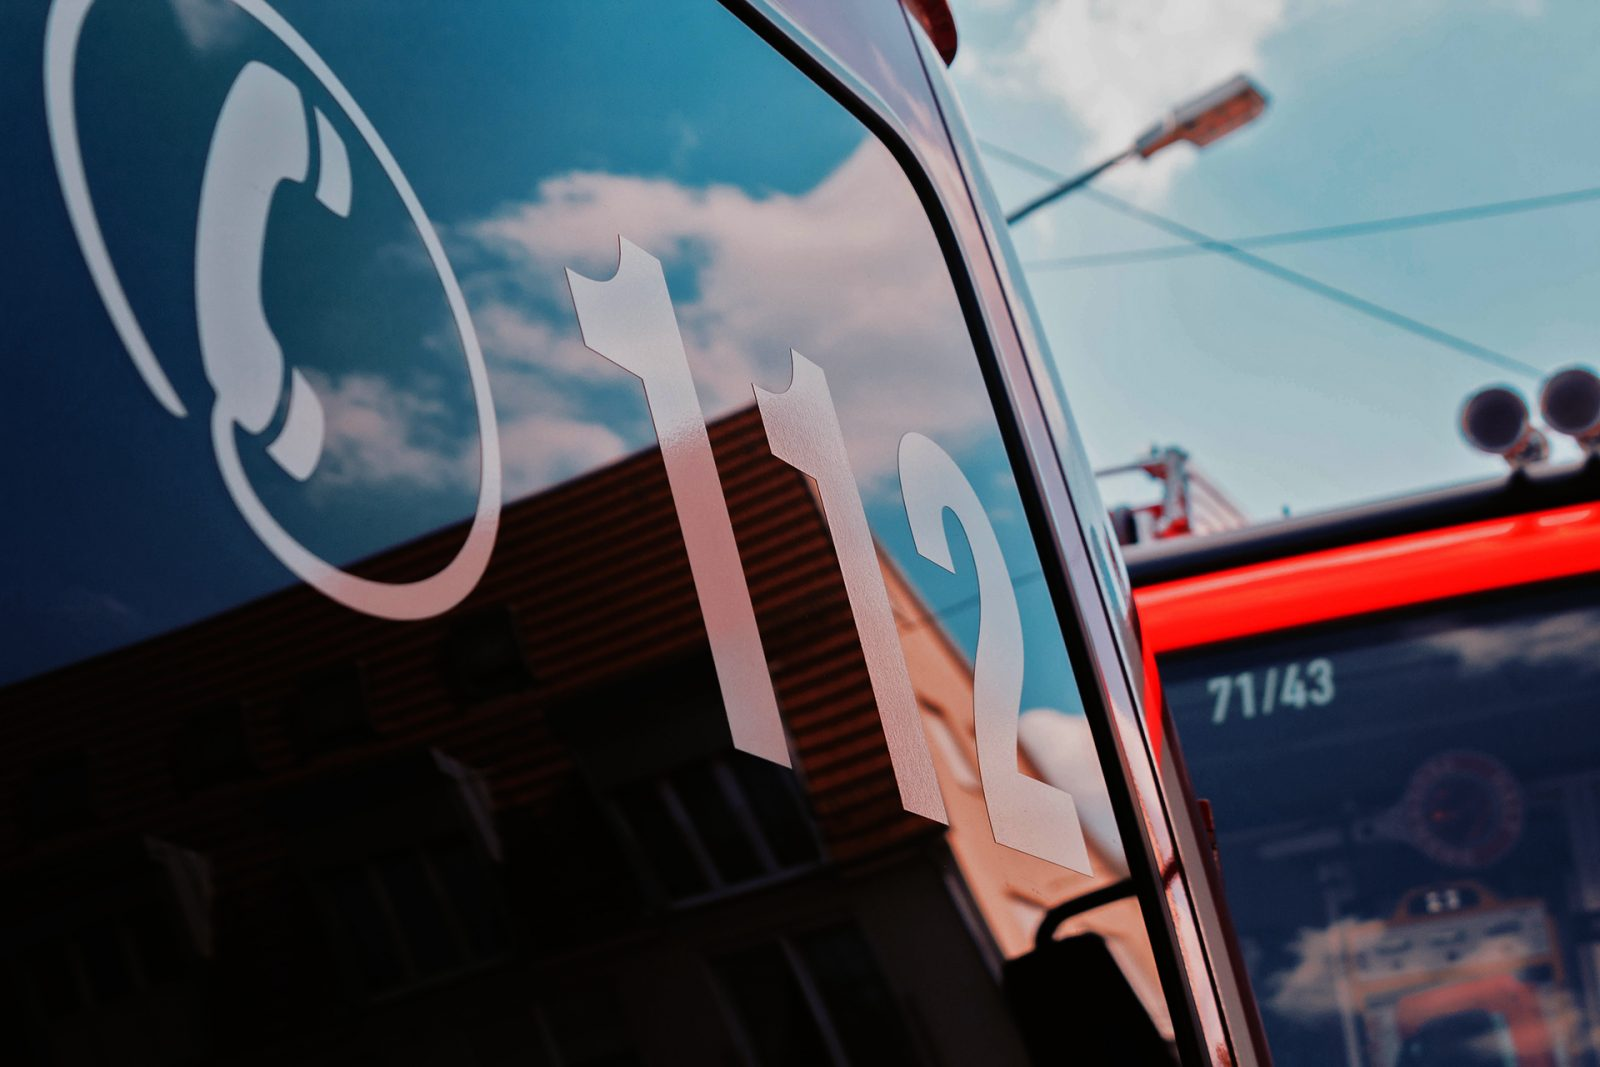 Paloauton ikkuna jossa yleinen hätänumero